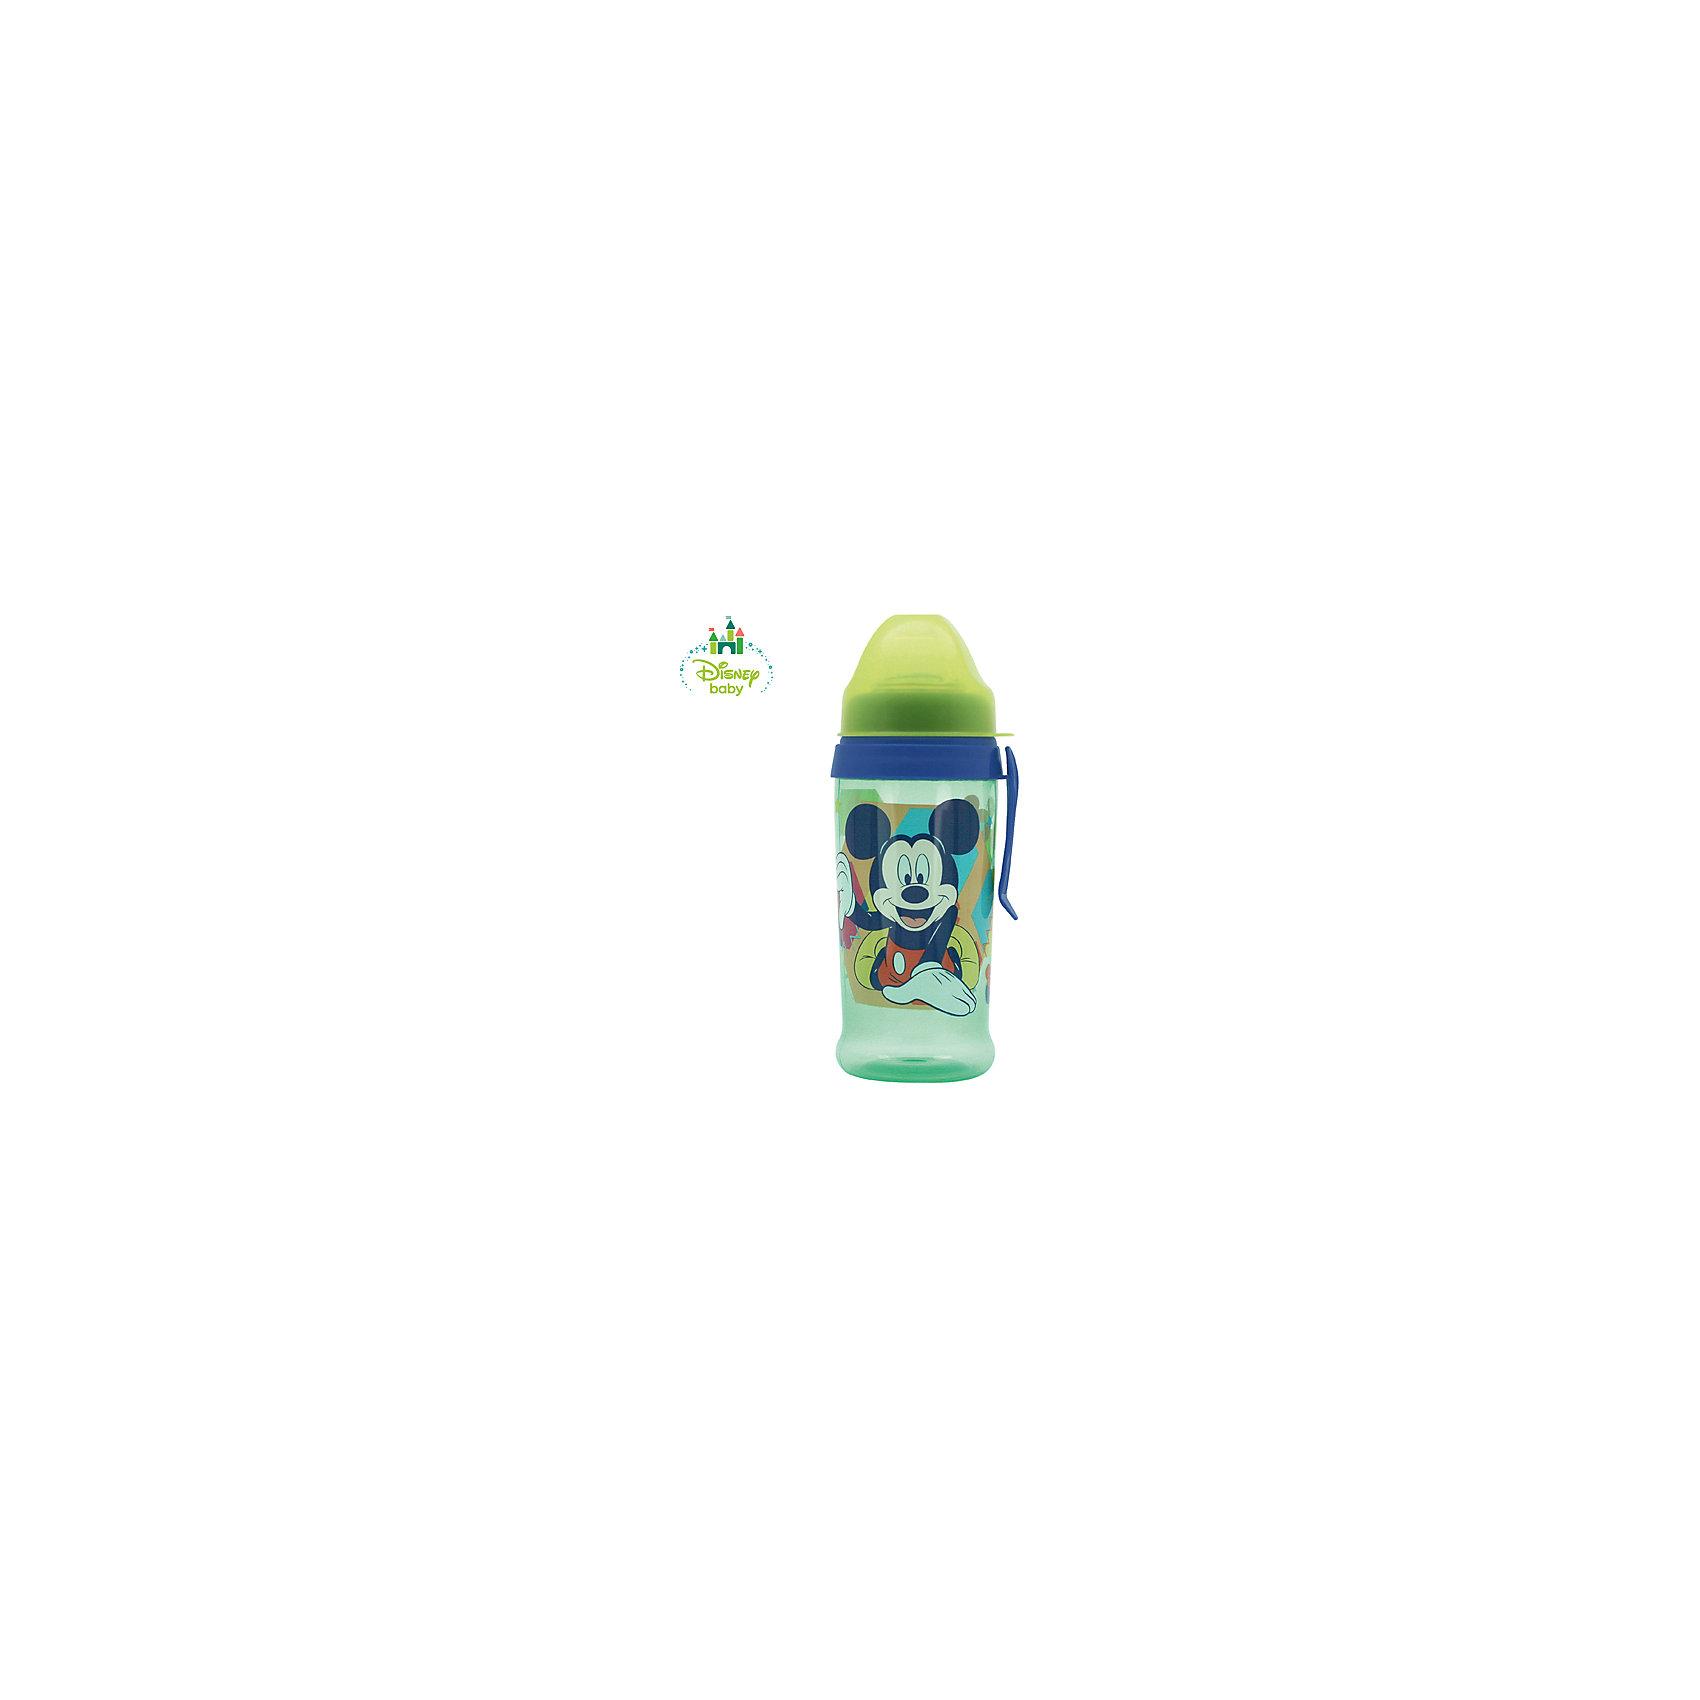 Поильник Микки DISNEY с мягким носиком, от 6 мес. 360 мл., LUBBY, голубой/зеленыйПоильник Микки DISNEY с мягким носиком, от 6 мес. 360 мл., LUBBY, голубой/зеленый.<br><br>Характеристики:<br><br>- Объем: 360 мл.<br>- Цвет: голубой, зеленый<br>- Материал поильника: полипропилен<br>- Материал носика: силикон<br>- Размер упаковки: 90x220x72 мм.<br>- Срок службы: 1 год<br>- Уход: Перед первым использованием необходимо прокипятить изделие в течение 5 минут. В дальнейшем перед каждым использованием поильник необходимо мыть теплой водой с мылом, тщательно ополаскивать. Можно мыть в посудомоечной машине<br><br>Поильник с мягким носиком и клипсой Микки идеально подойдет для комфортного и безопасного перевода ребенка на кормление без использования соски. Мягкий силиконовый носик поильника будет напоминать малышу соску, благодаря этому процесс отучения от бутылочки пройдет незаметно. Специальная форма носика позволяет предотвратить проливание жидкости, если поильник упал или перевернулся. При прорезывании зубов силиконовый носик будет успокаивать ноющие десны. Крышка защитит носик поильника от загрязнения. Клипса позволит прикрепить поильник к коляске ребенка, на ремень сумки, либо на пояс мамы. Яркий дизайн поильника с изображением неунывающего озорного мышонка Микки Мауса, героя диснеевского мультсериала, привлечет внимание малыша. Поильник изготовлен из прочного полипропилена, не содержащего бисфенол-А, безопасен для ребенка.<br><br>Поильник Микки DISNEY с мягким носиком, от 6 мес. 360 мл., LUBBY, голубой/зеленый можно купить в нашем интернет-магазине.<br><br>Ширина мм: 80<br>Глубина мм: 160<br>Высота мм: 80<br>Вес г: 350<br>Возраст от месяцев: 6<br>Возраст до месяцев: 36<br>Пол: Мужской<br>Возраст: Детский<br>SKU: 5039282